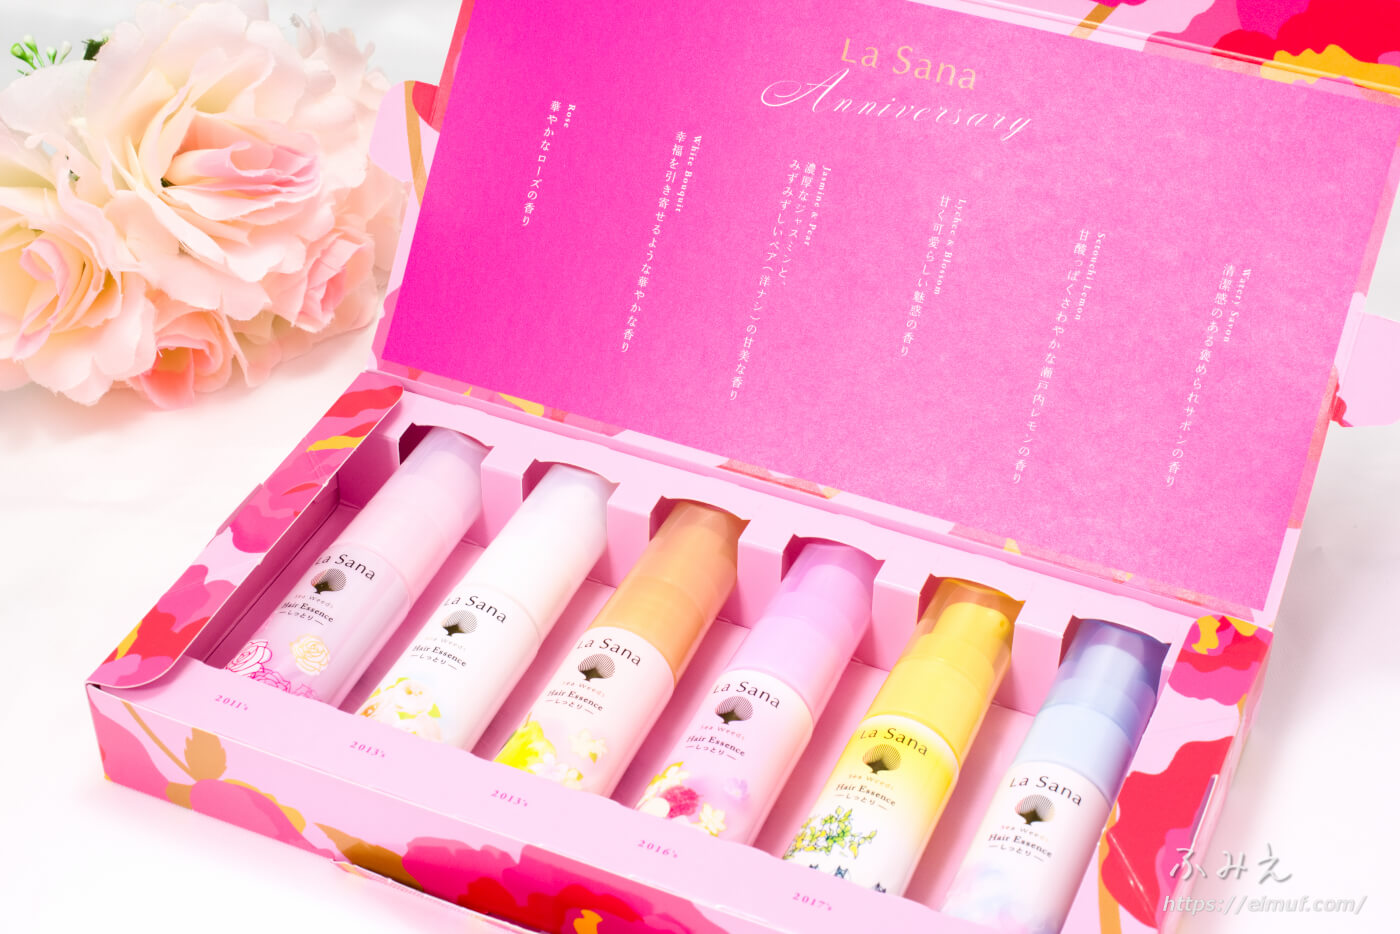 ラサーナ 海藻 ヘアエッセンス 6種の香りコレクションの箱を開けてみた